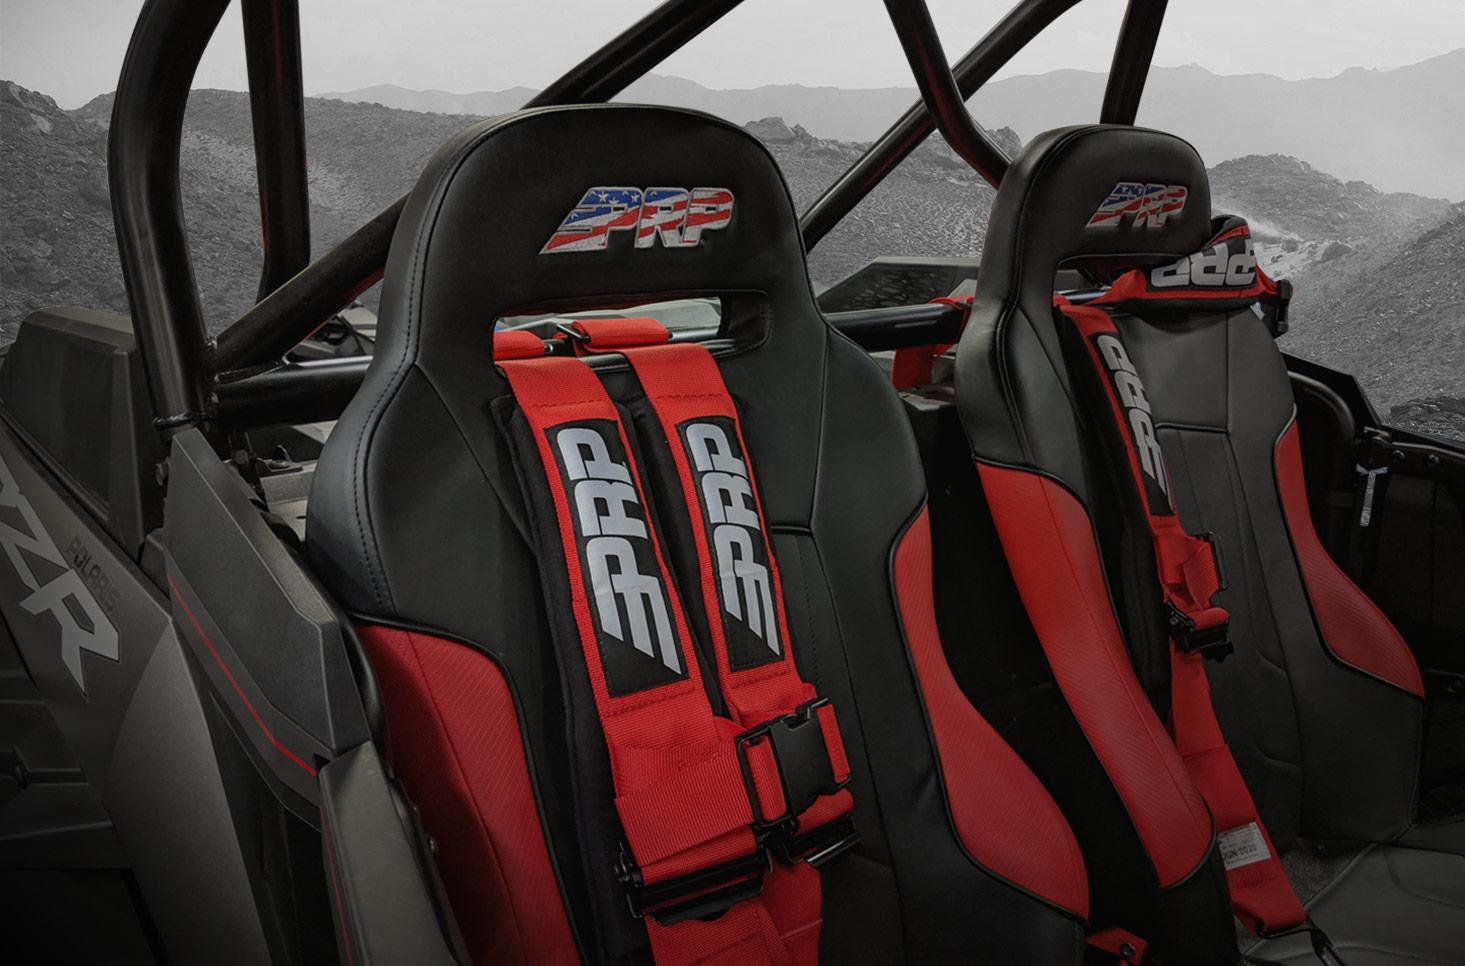 RZR XC Seats - With New Glory Logo